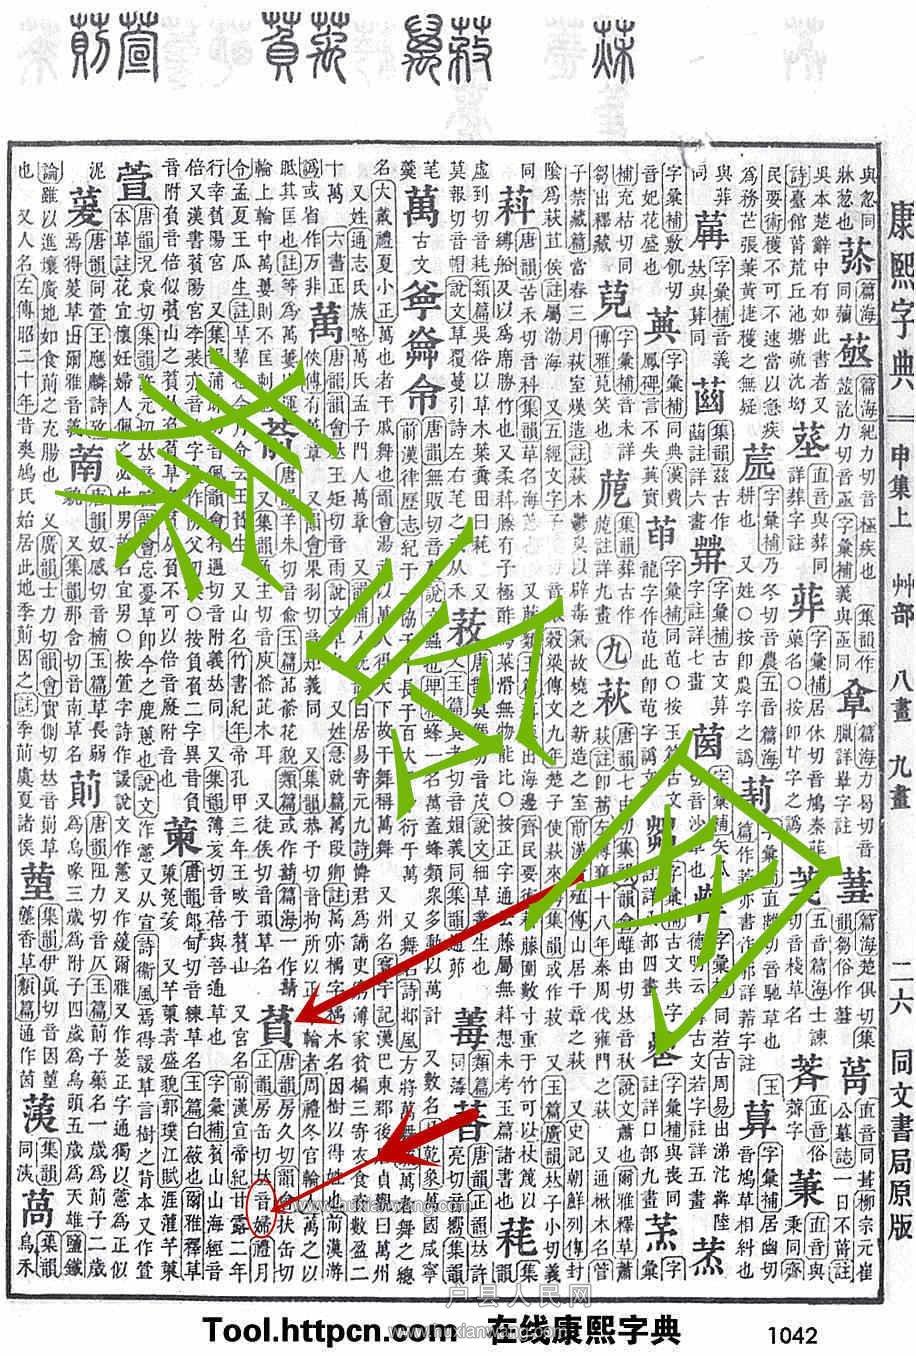 康熙字典原图扫描版,第1042页1_副本_副本_副本.jpg